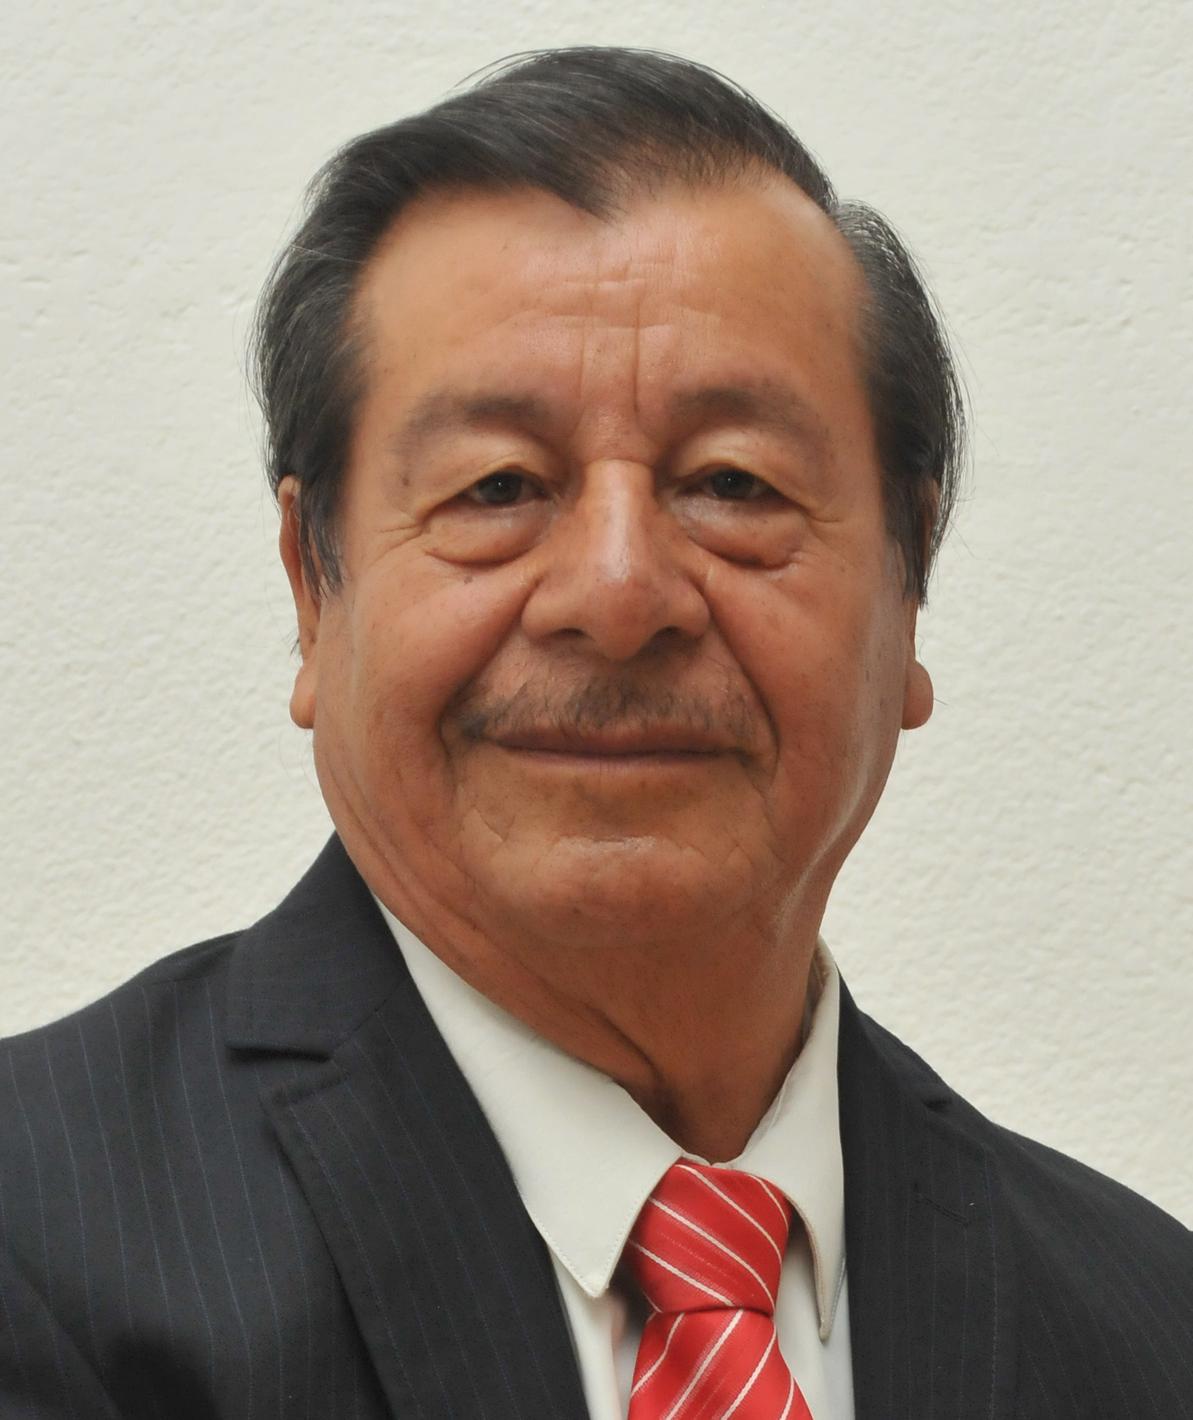 Fidencio Romero Tobón